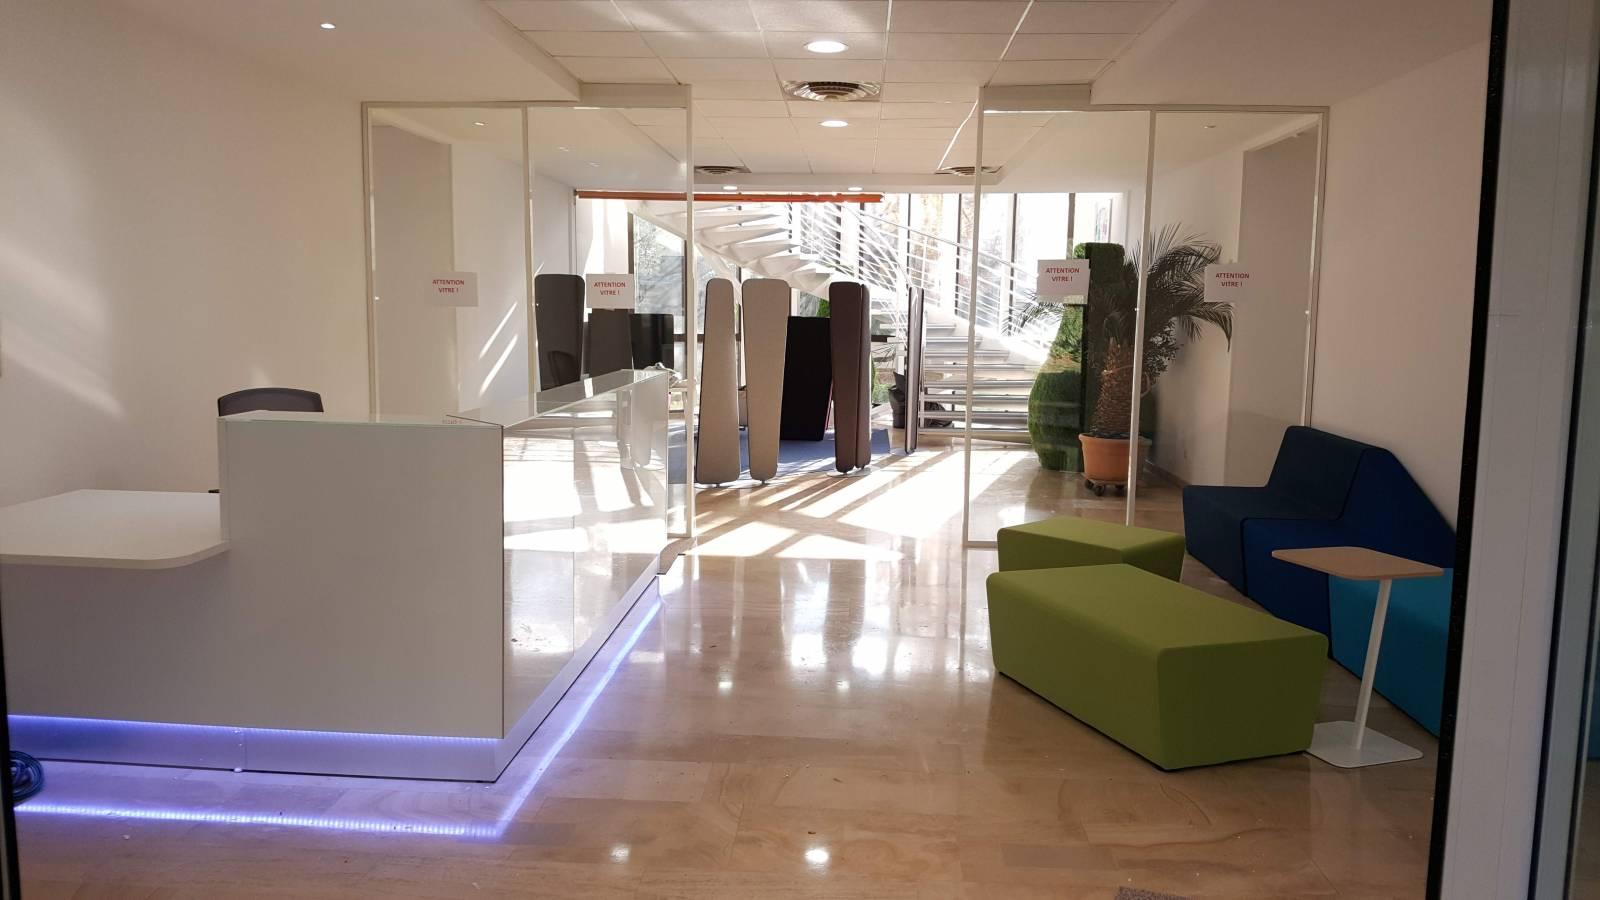 Banque d'accueil avec accès PMR, banquettes Mendhi , en fond l'espace confidentiel